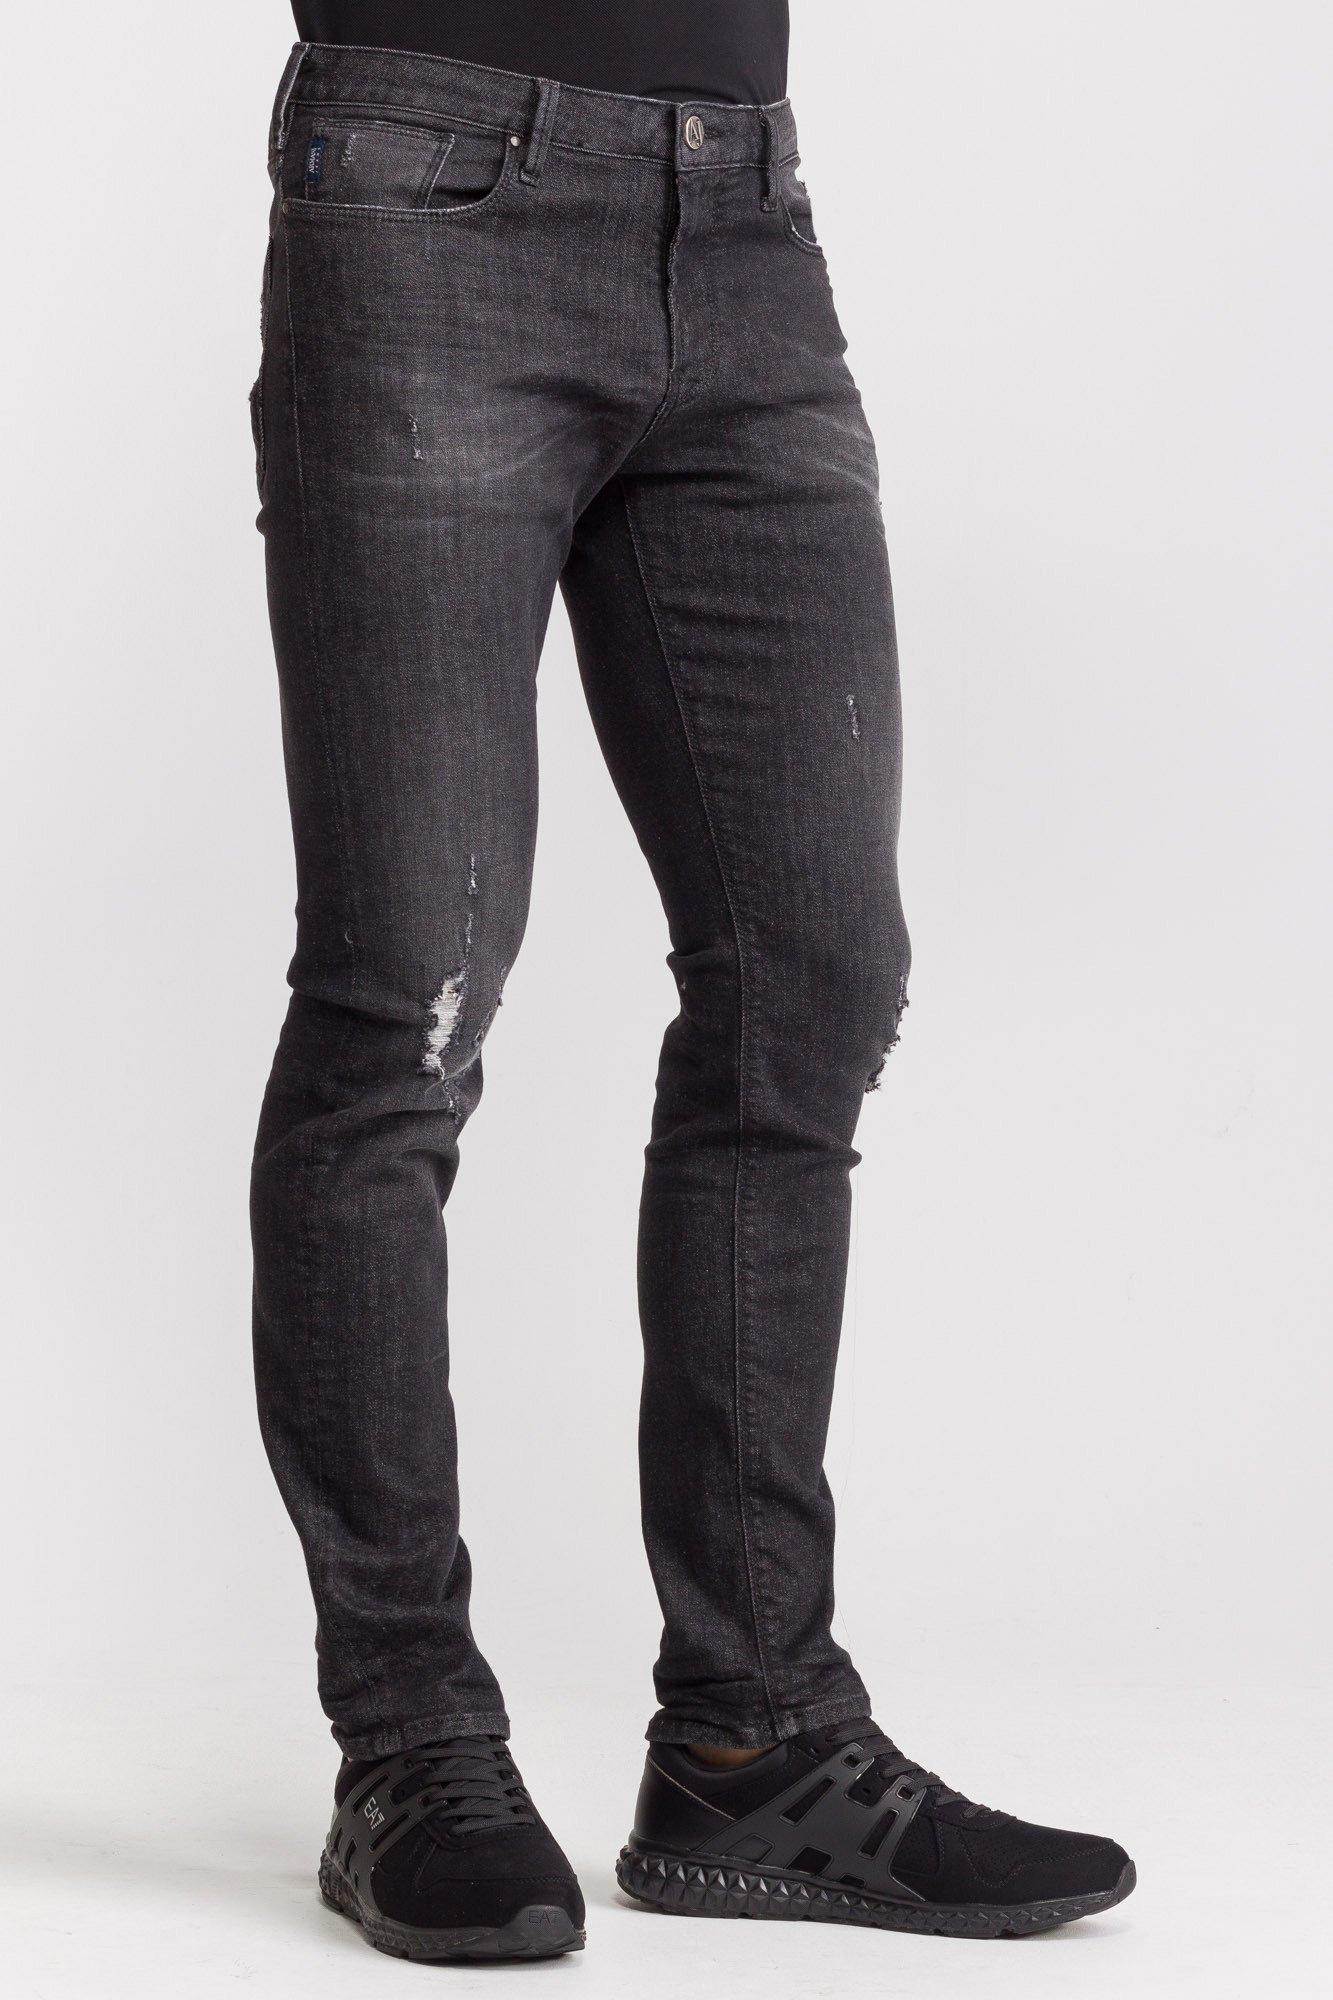 69a4d3327 Czarne jeansy męskie z przetarciami | Markowa odzież w sklepie Velpa.pl